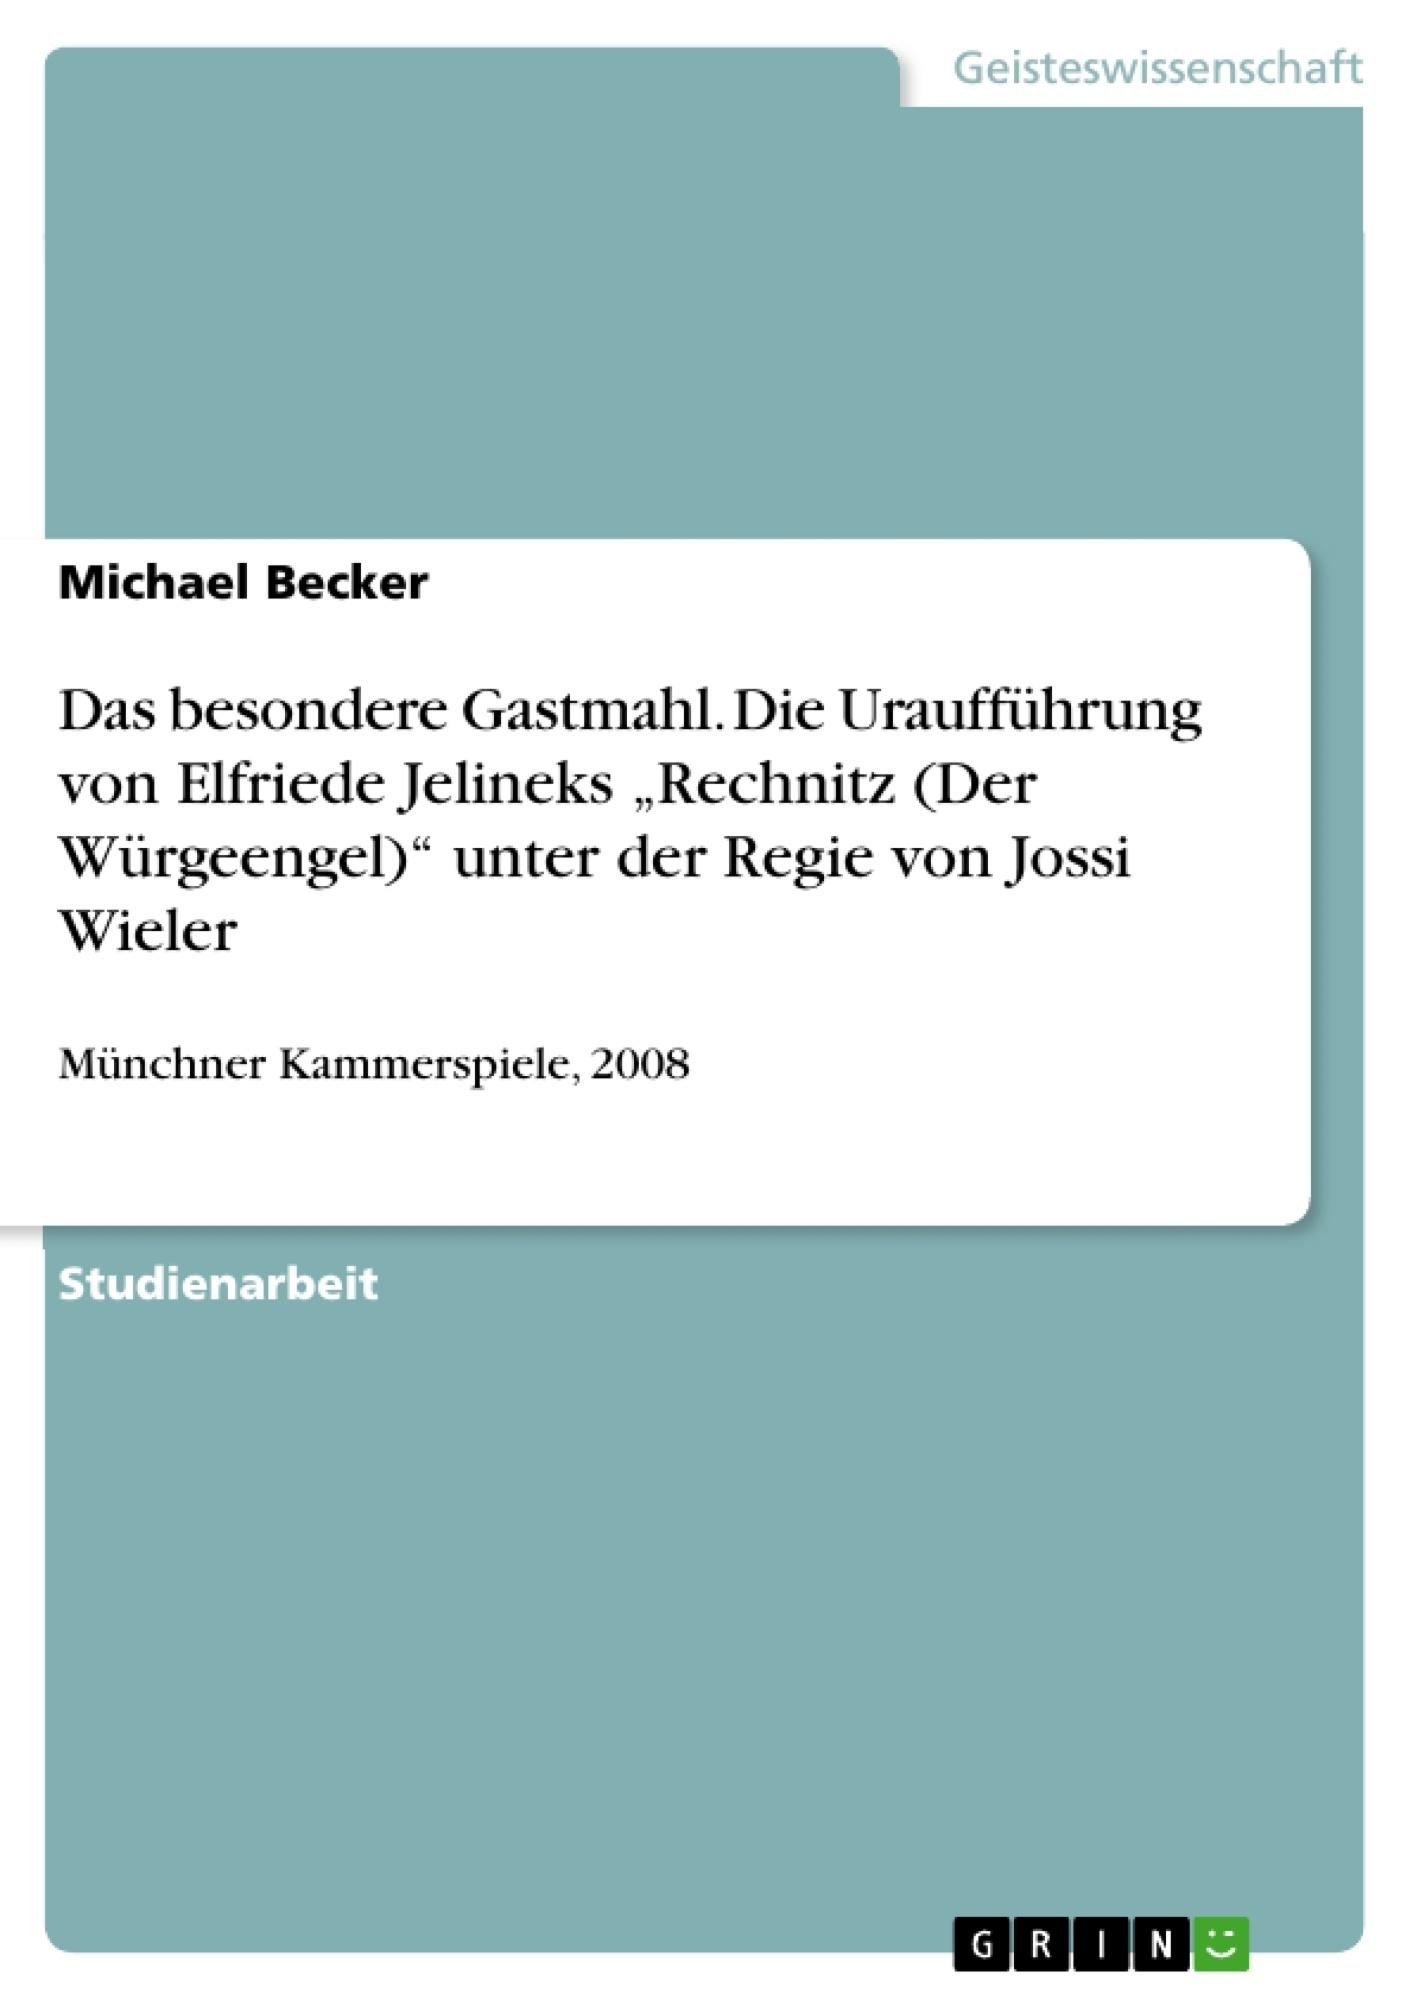 """Titel: Das besondere Gastmahl. Die Uraufführung von Elfriede Jelineks """"Rechnitz (Der Würgeengel)"""" unter der Regie von Jossi Wieler"""